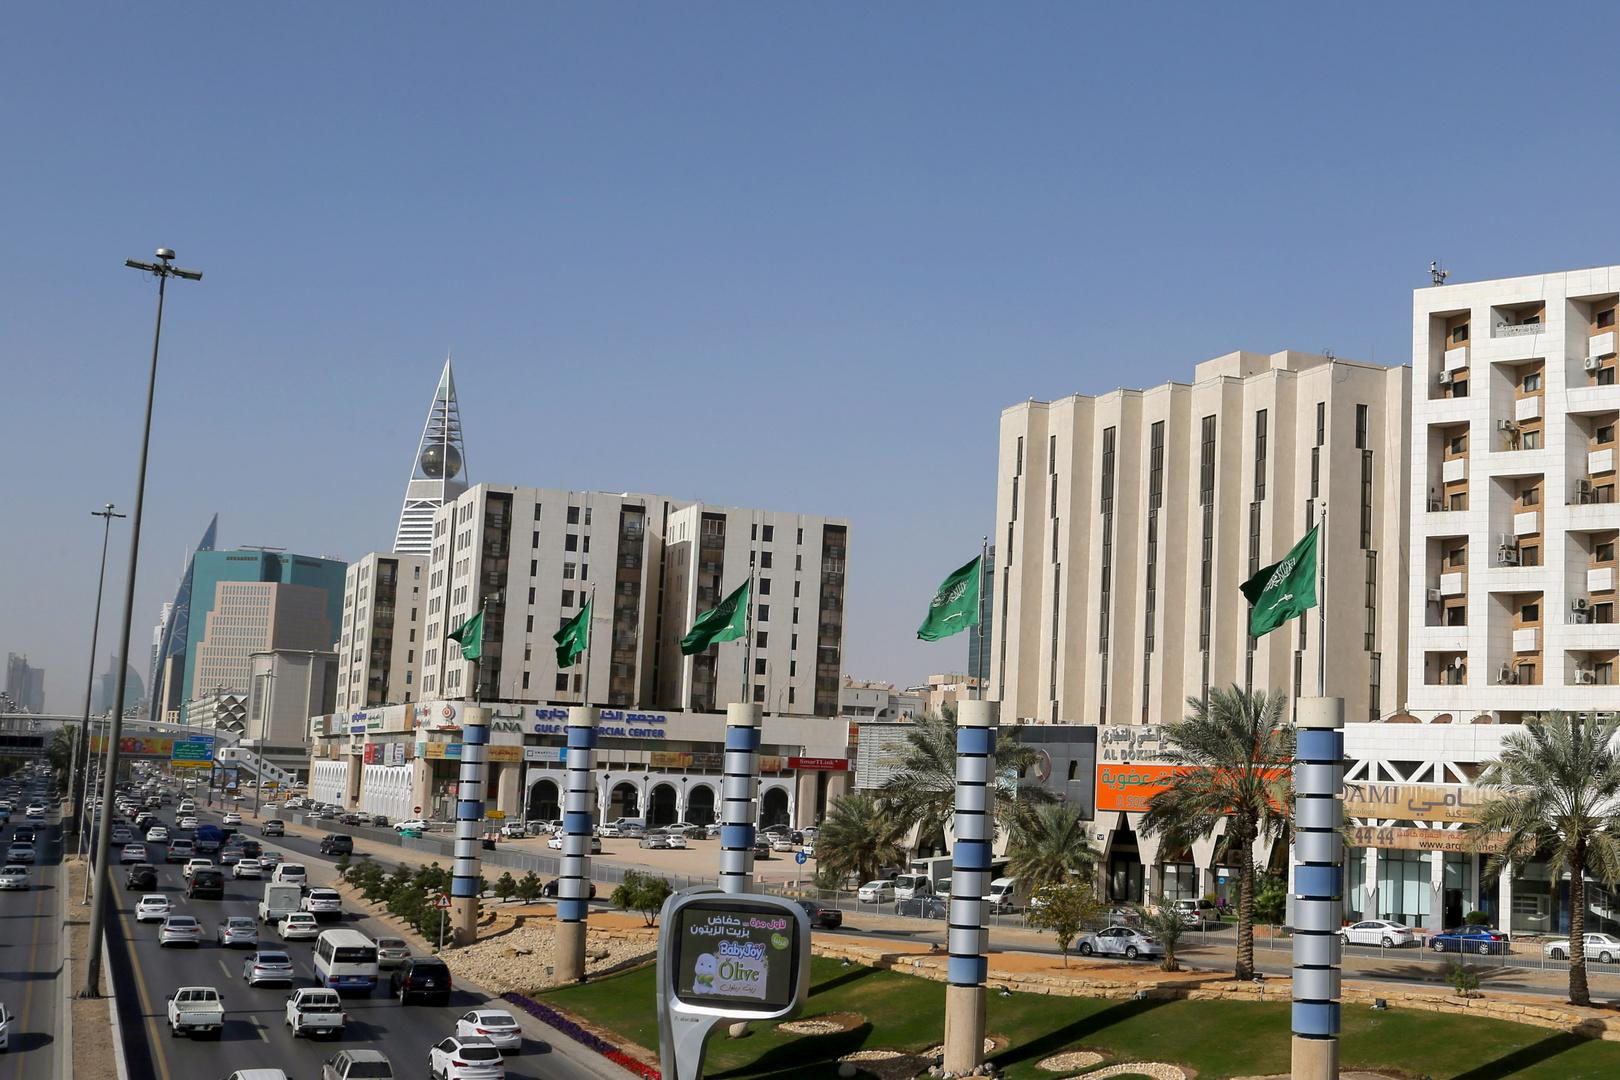 في اليوم الوطني.. السعودية تذكر الشباب بتوصيف جريمة التحرش وعقوبتها